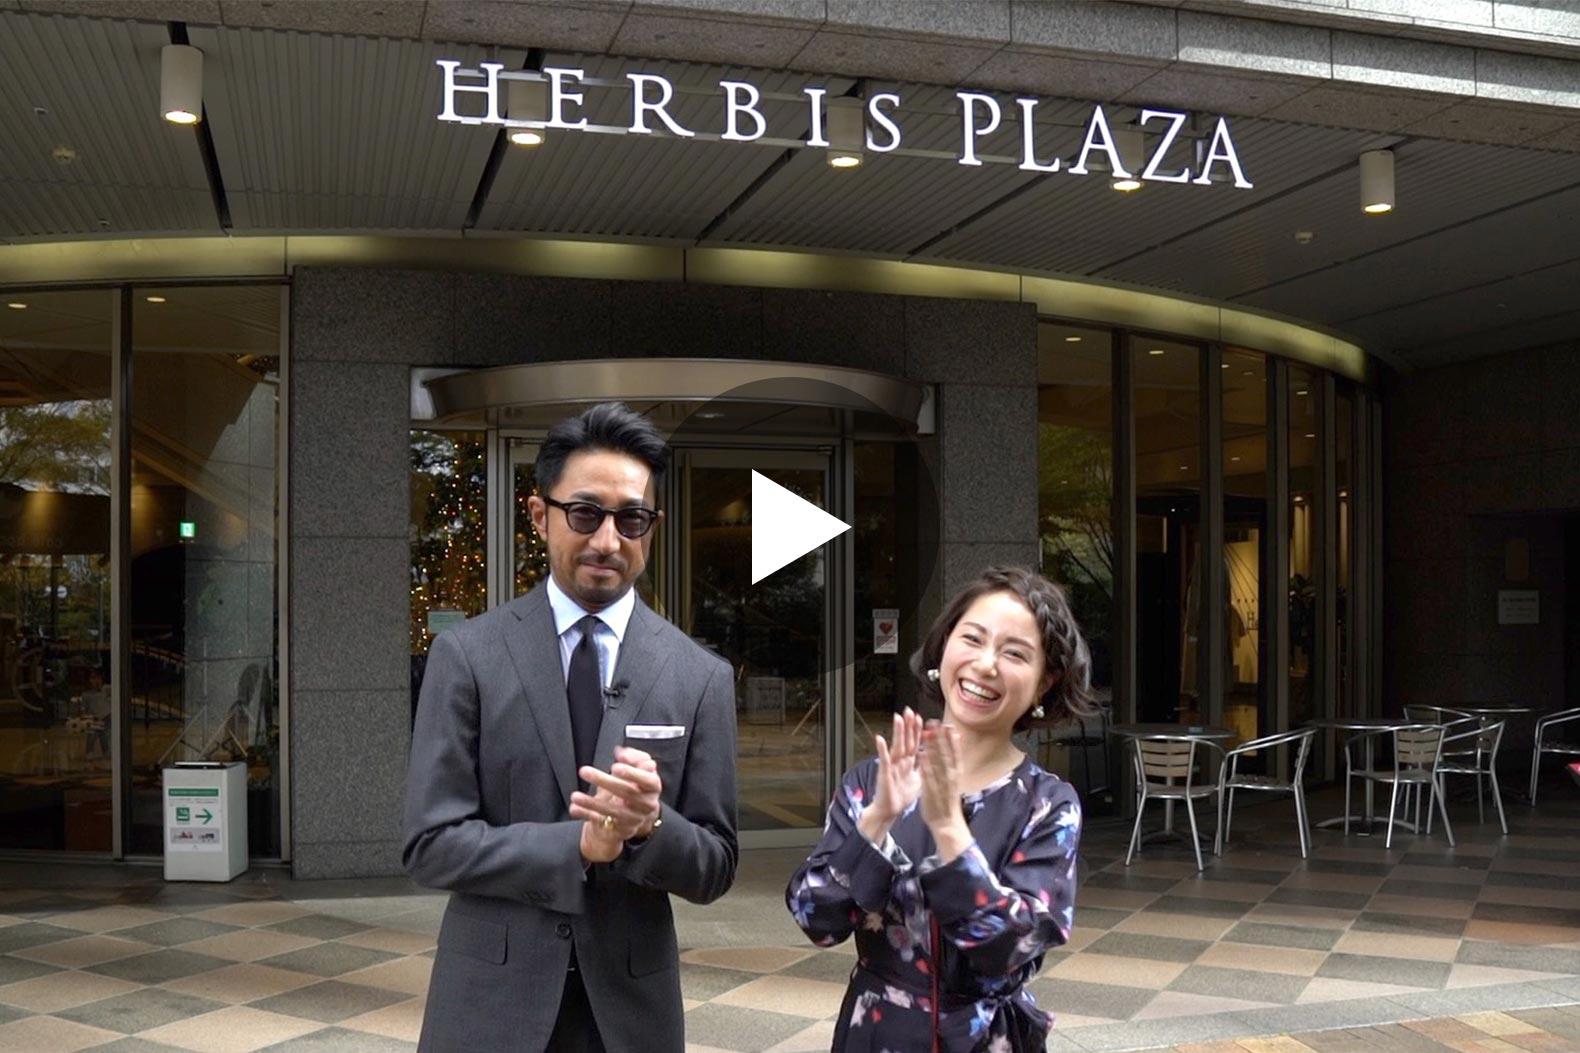 イタリアのファッショニスタ登場! 大阪ハービスPLAZAで初ロケ&生歌披露